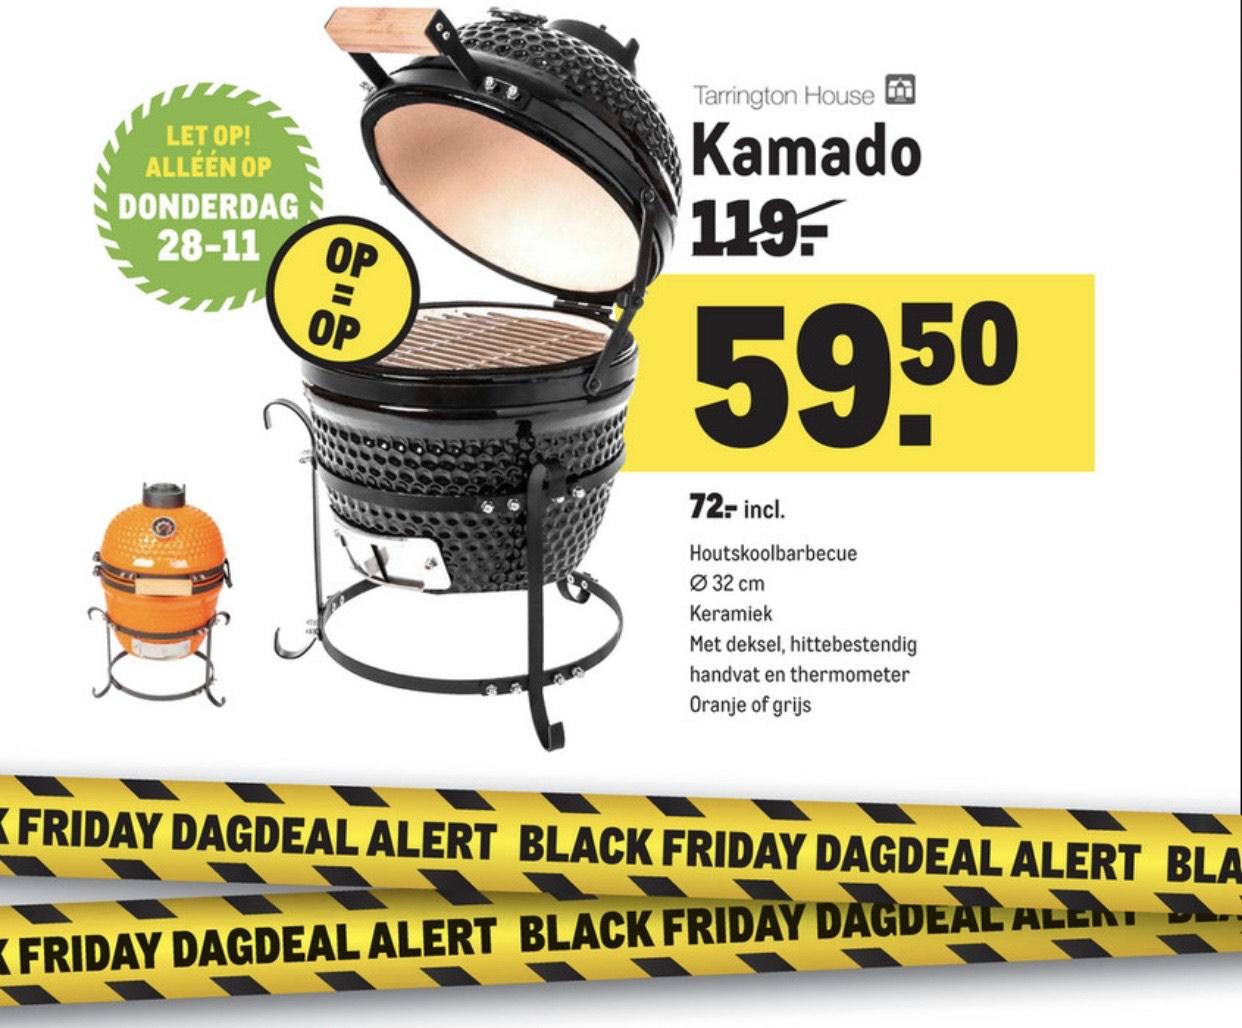 Black friday Makro deal Kamado 32cm voor 59,50 excl btw